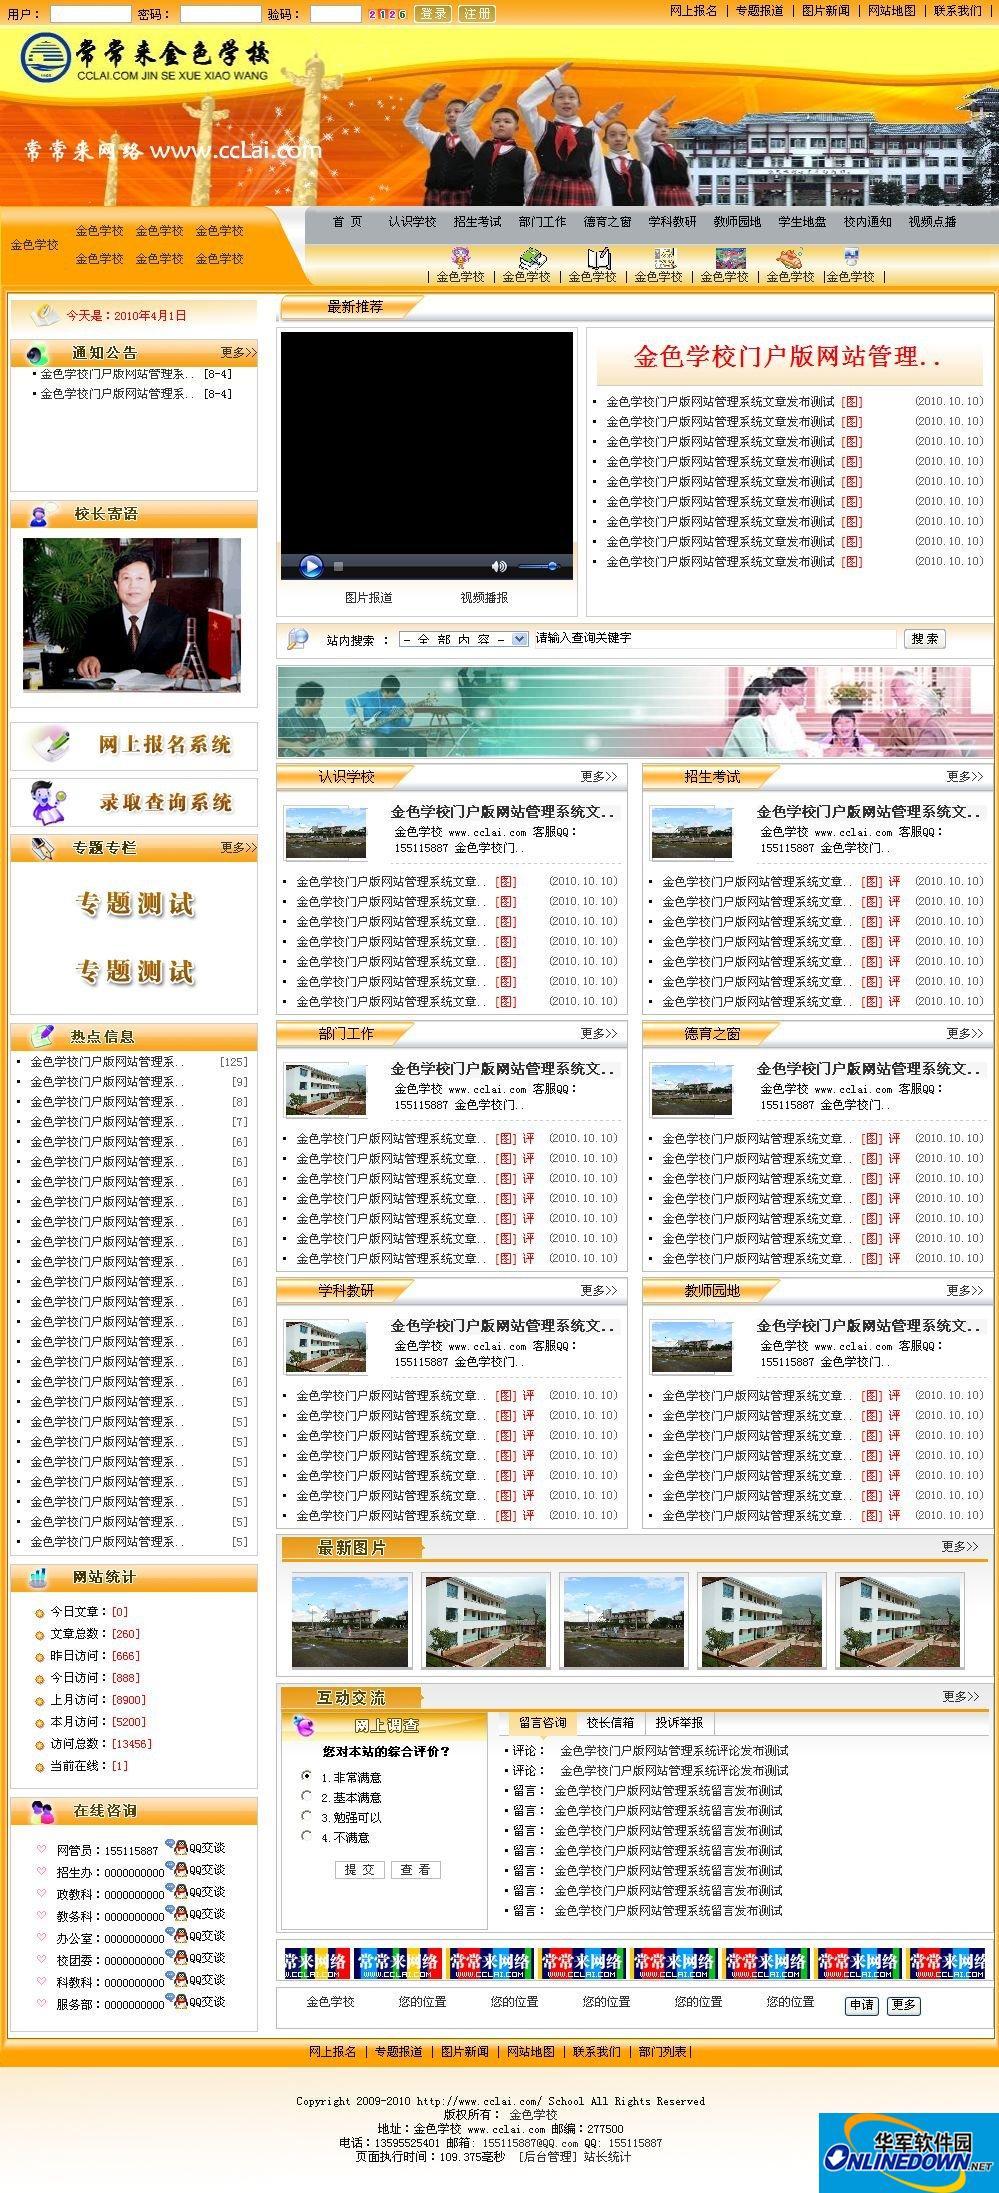 金色学校门户版网站管理系统  2.0 升级版